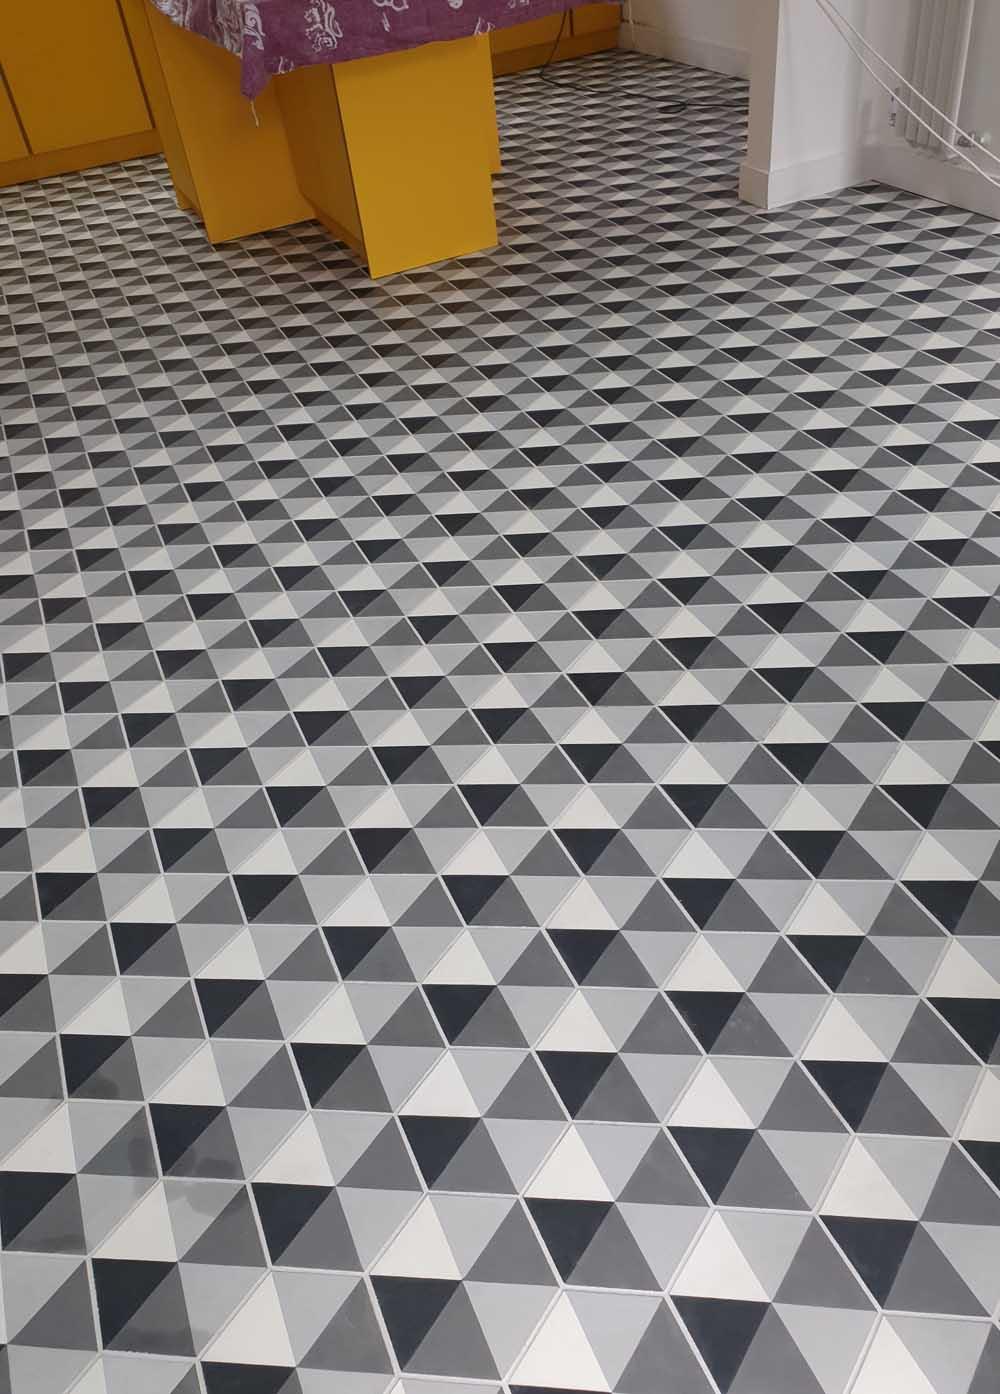 Encaustic tiled floor cleaning in Stanstead Essex